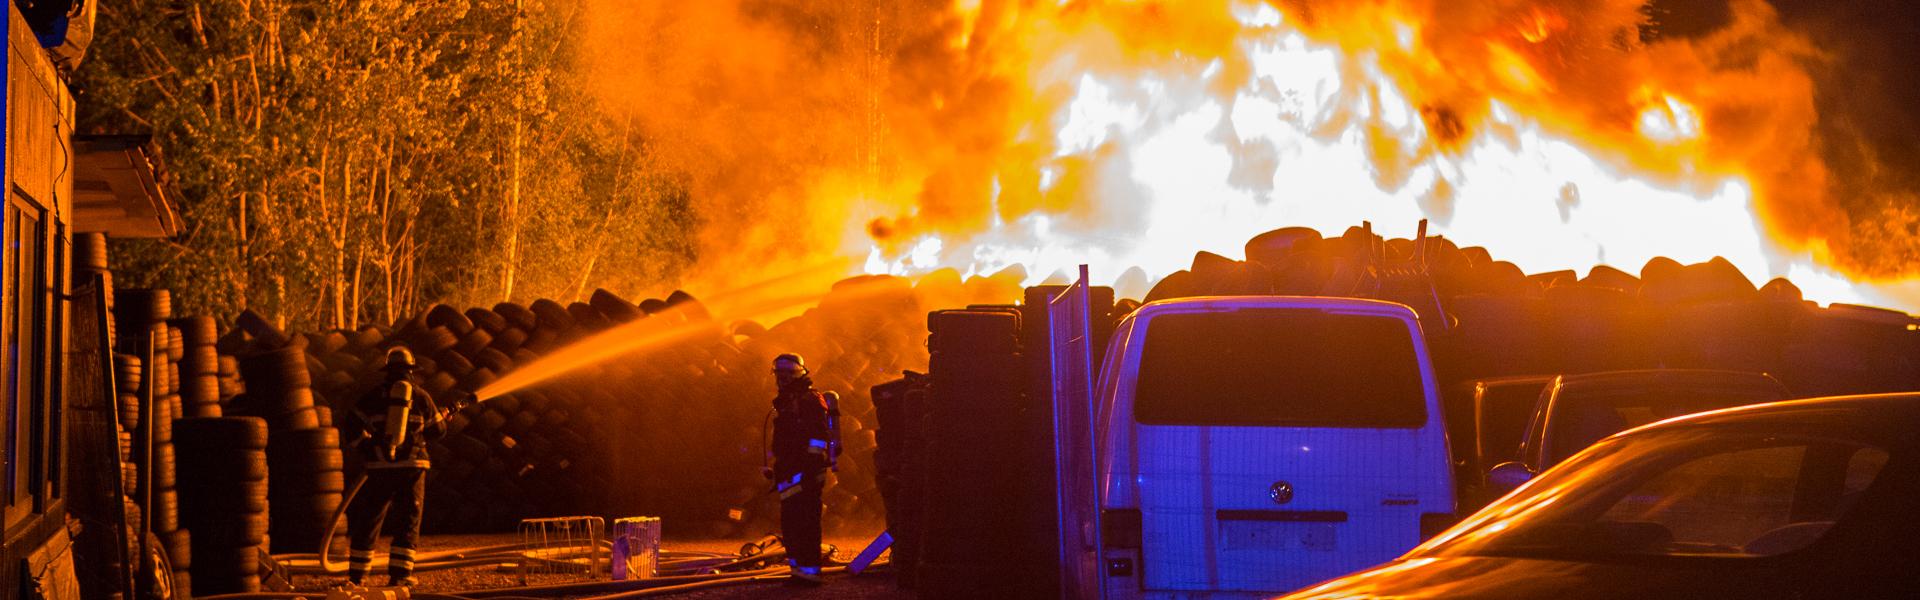 07.07.2017 – Großfeuer zerstört Reifenlager in Hamburg-Wandsbek